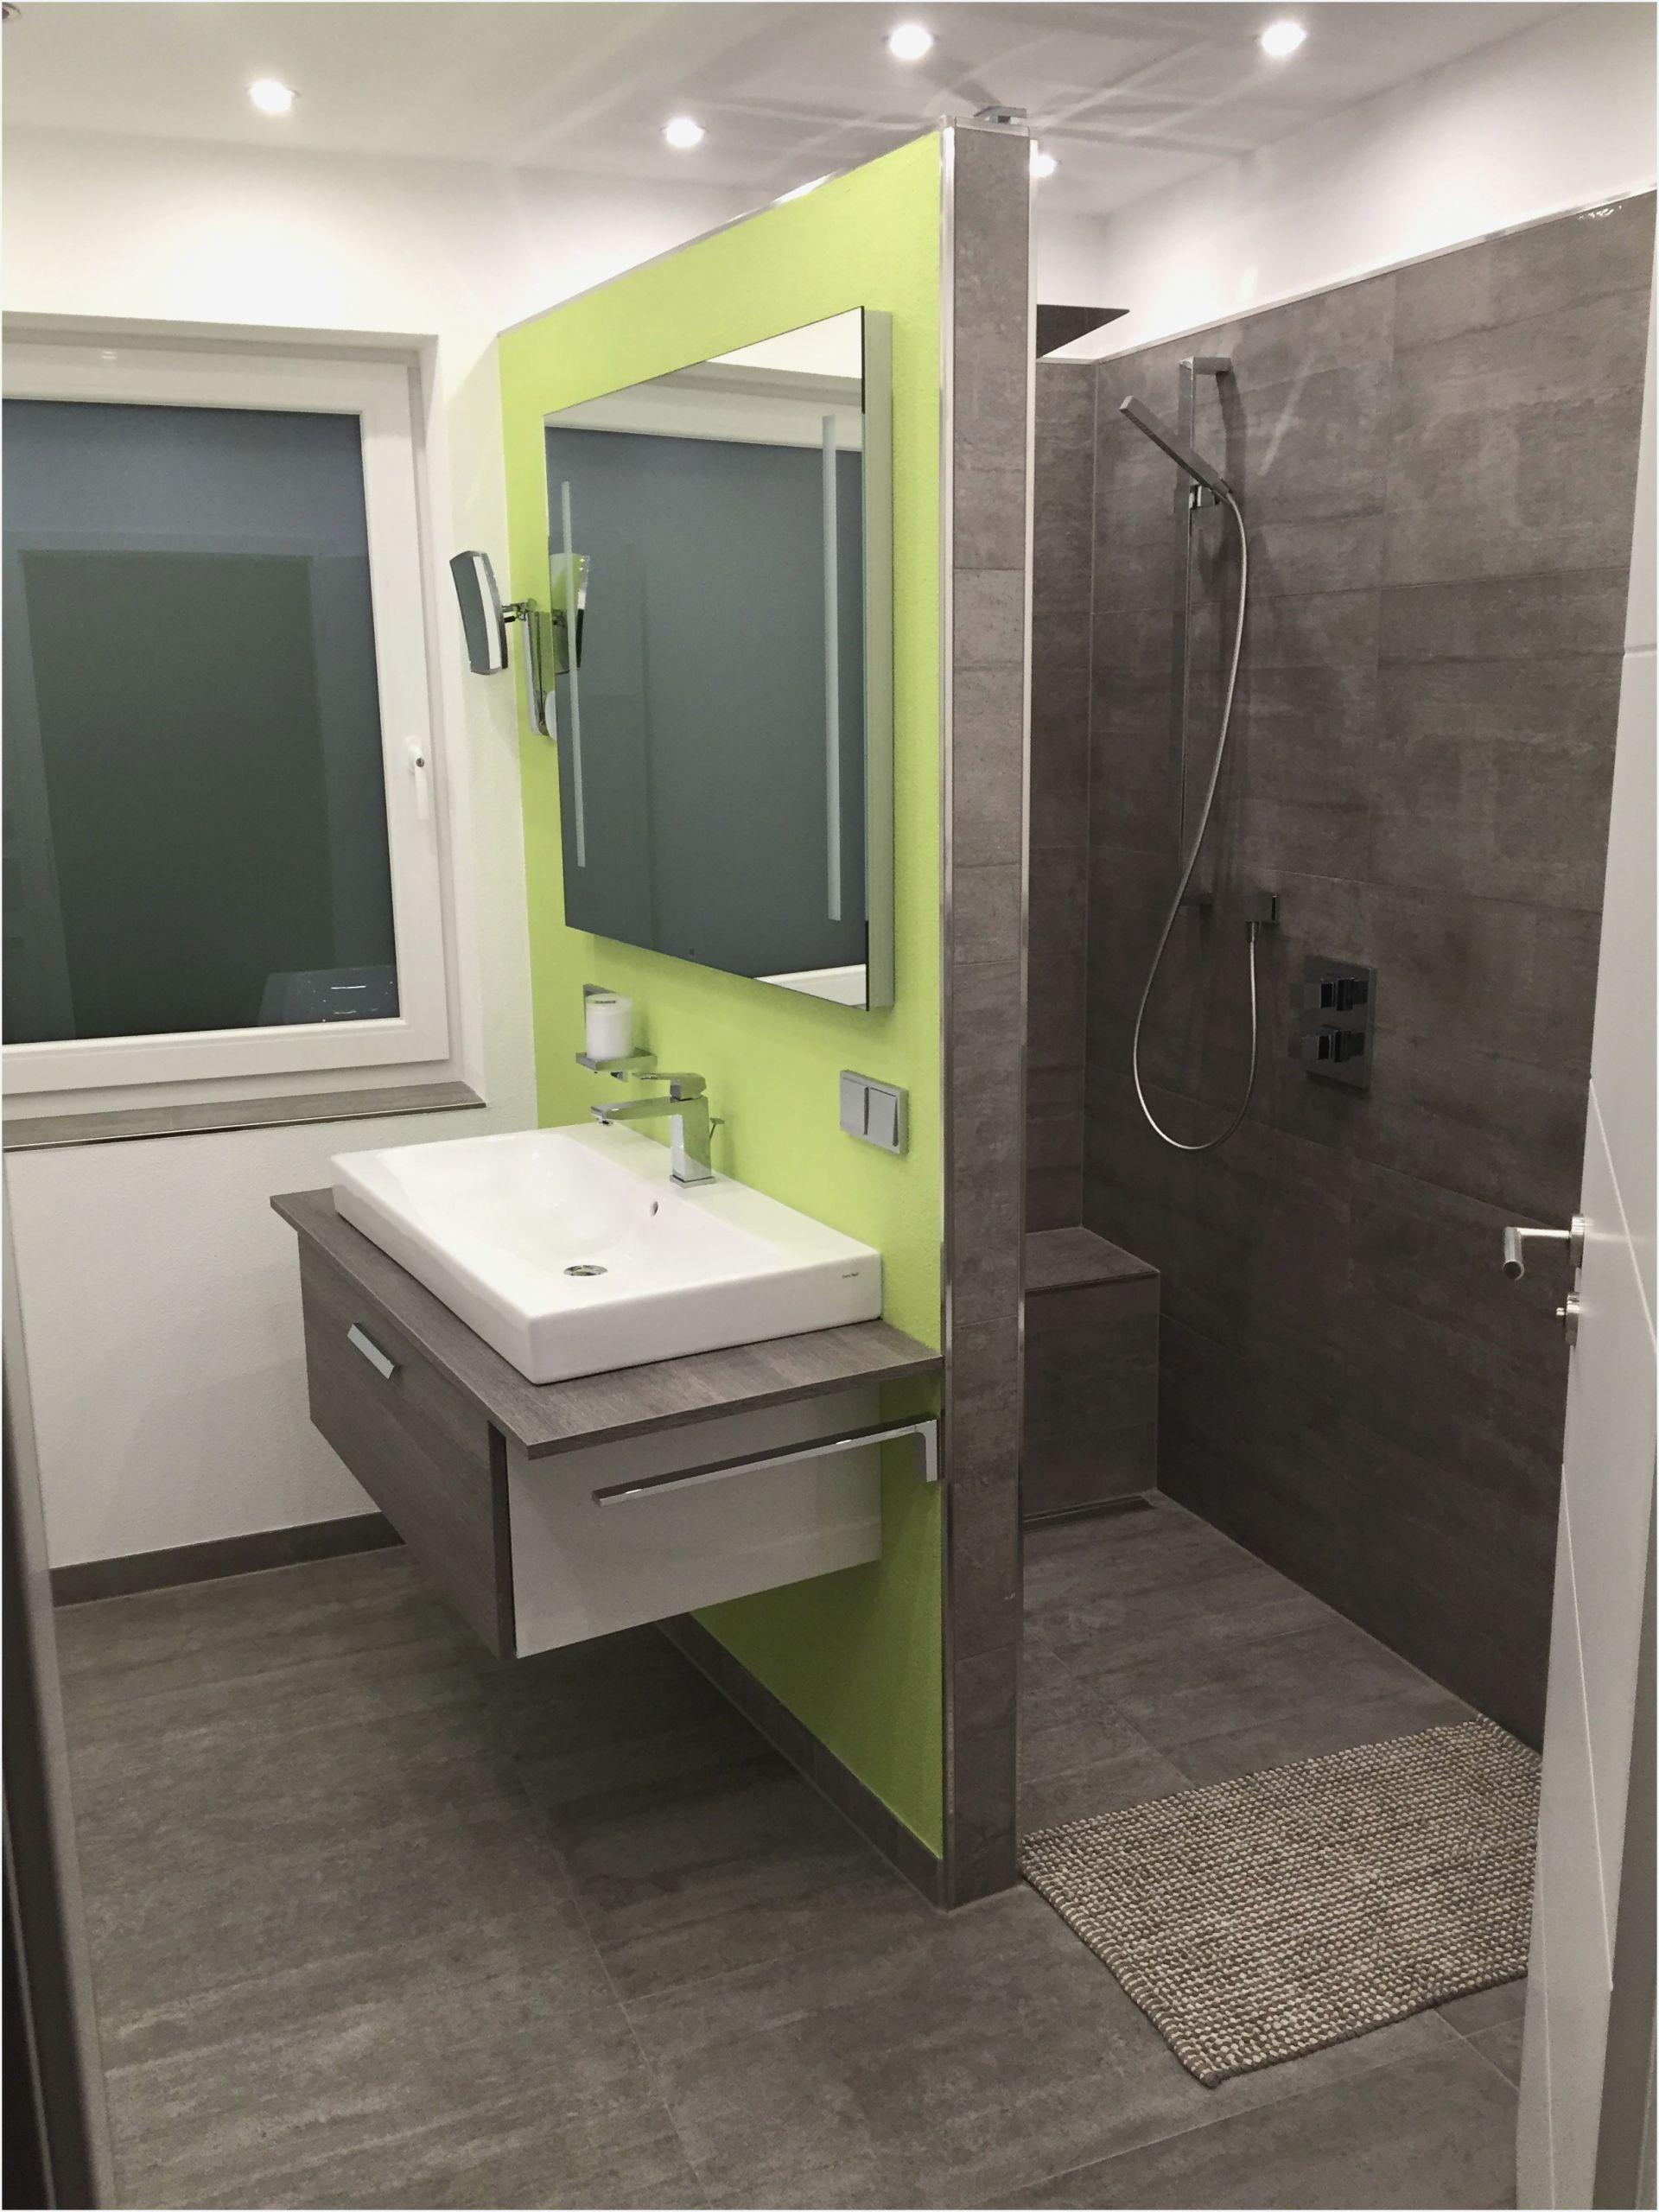 Full Size of Ebenerdige Dusche Kleine Badezimmer Ankleidezimmer Traumhaus Bodengleiche Duschen Badewanne Barrierefreie Kaufen Schulte Nachträglich Einbauen Einhebelmischer Dusche Ebenerdige Dusche